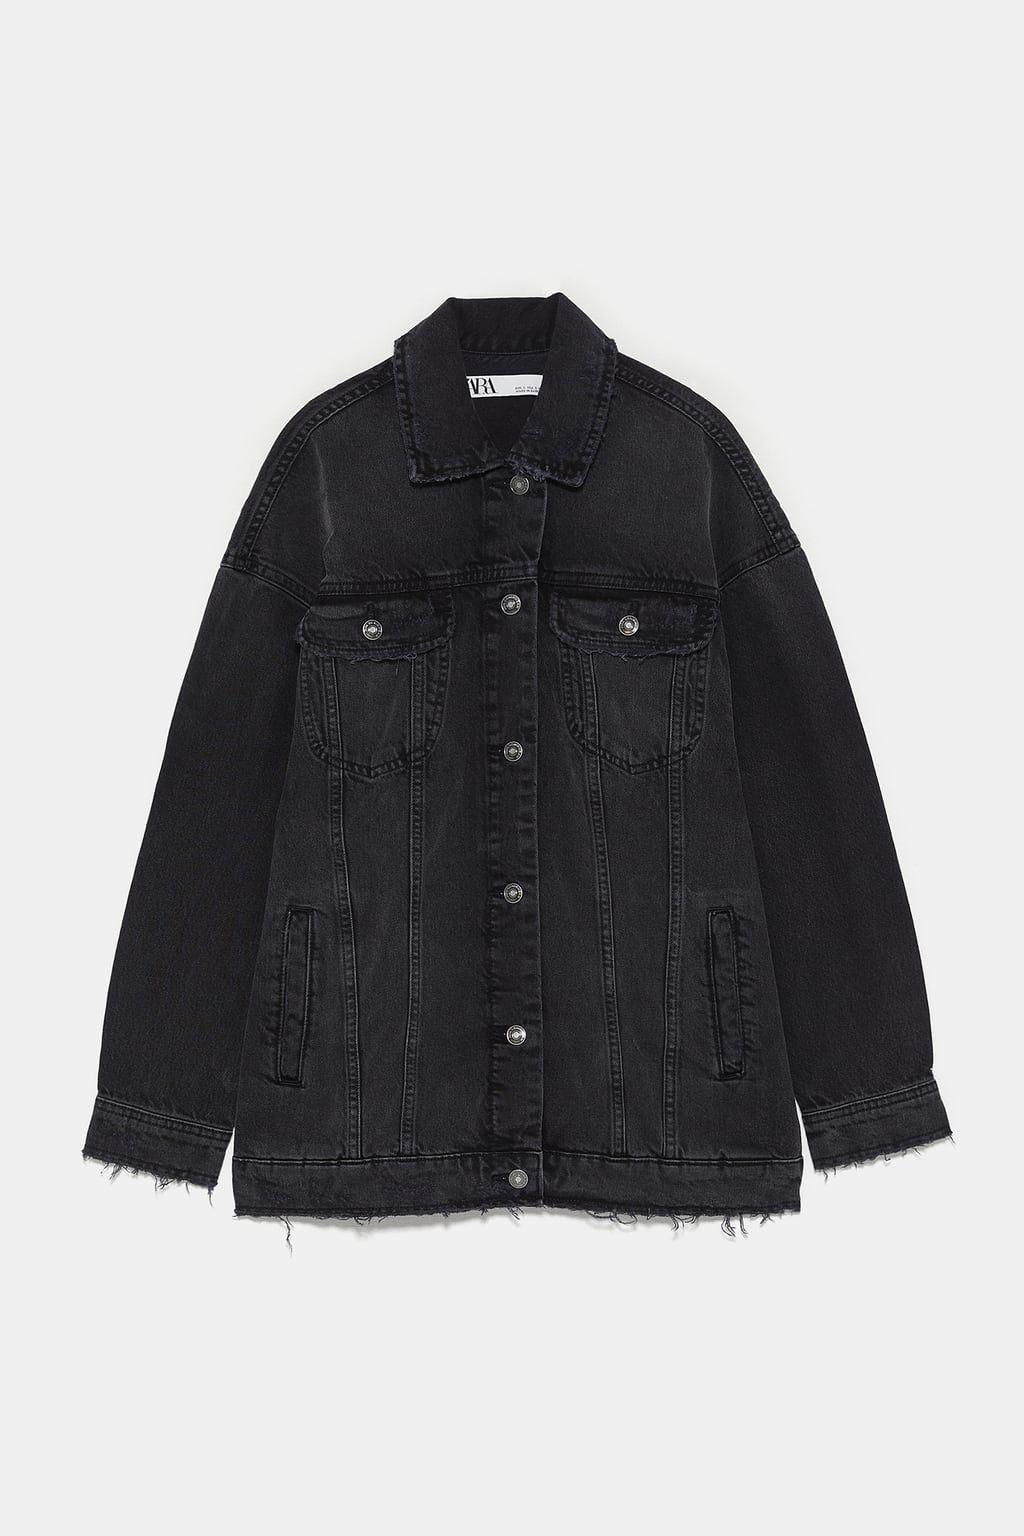 Dzhinsovaya Kurtka Oversajz S Razryvami Novinki Zhenshiny Novaya Kollekciya Zara Rossijskaya Fede Oversized Denim Jacket Oversized Black Denim Jacket Denim Jacket [ 1536 x 1024 Pixel ]